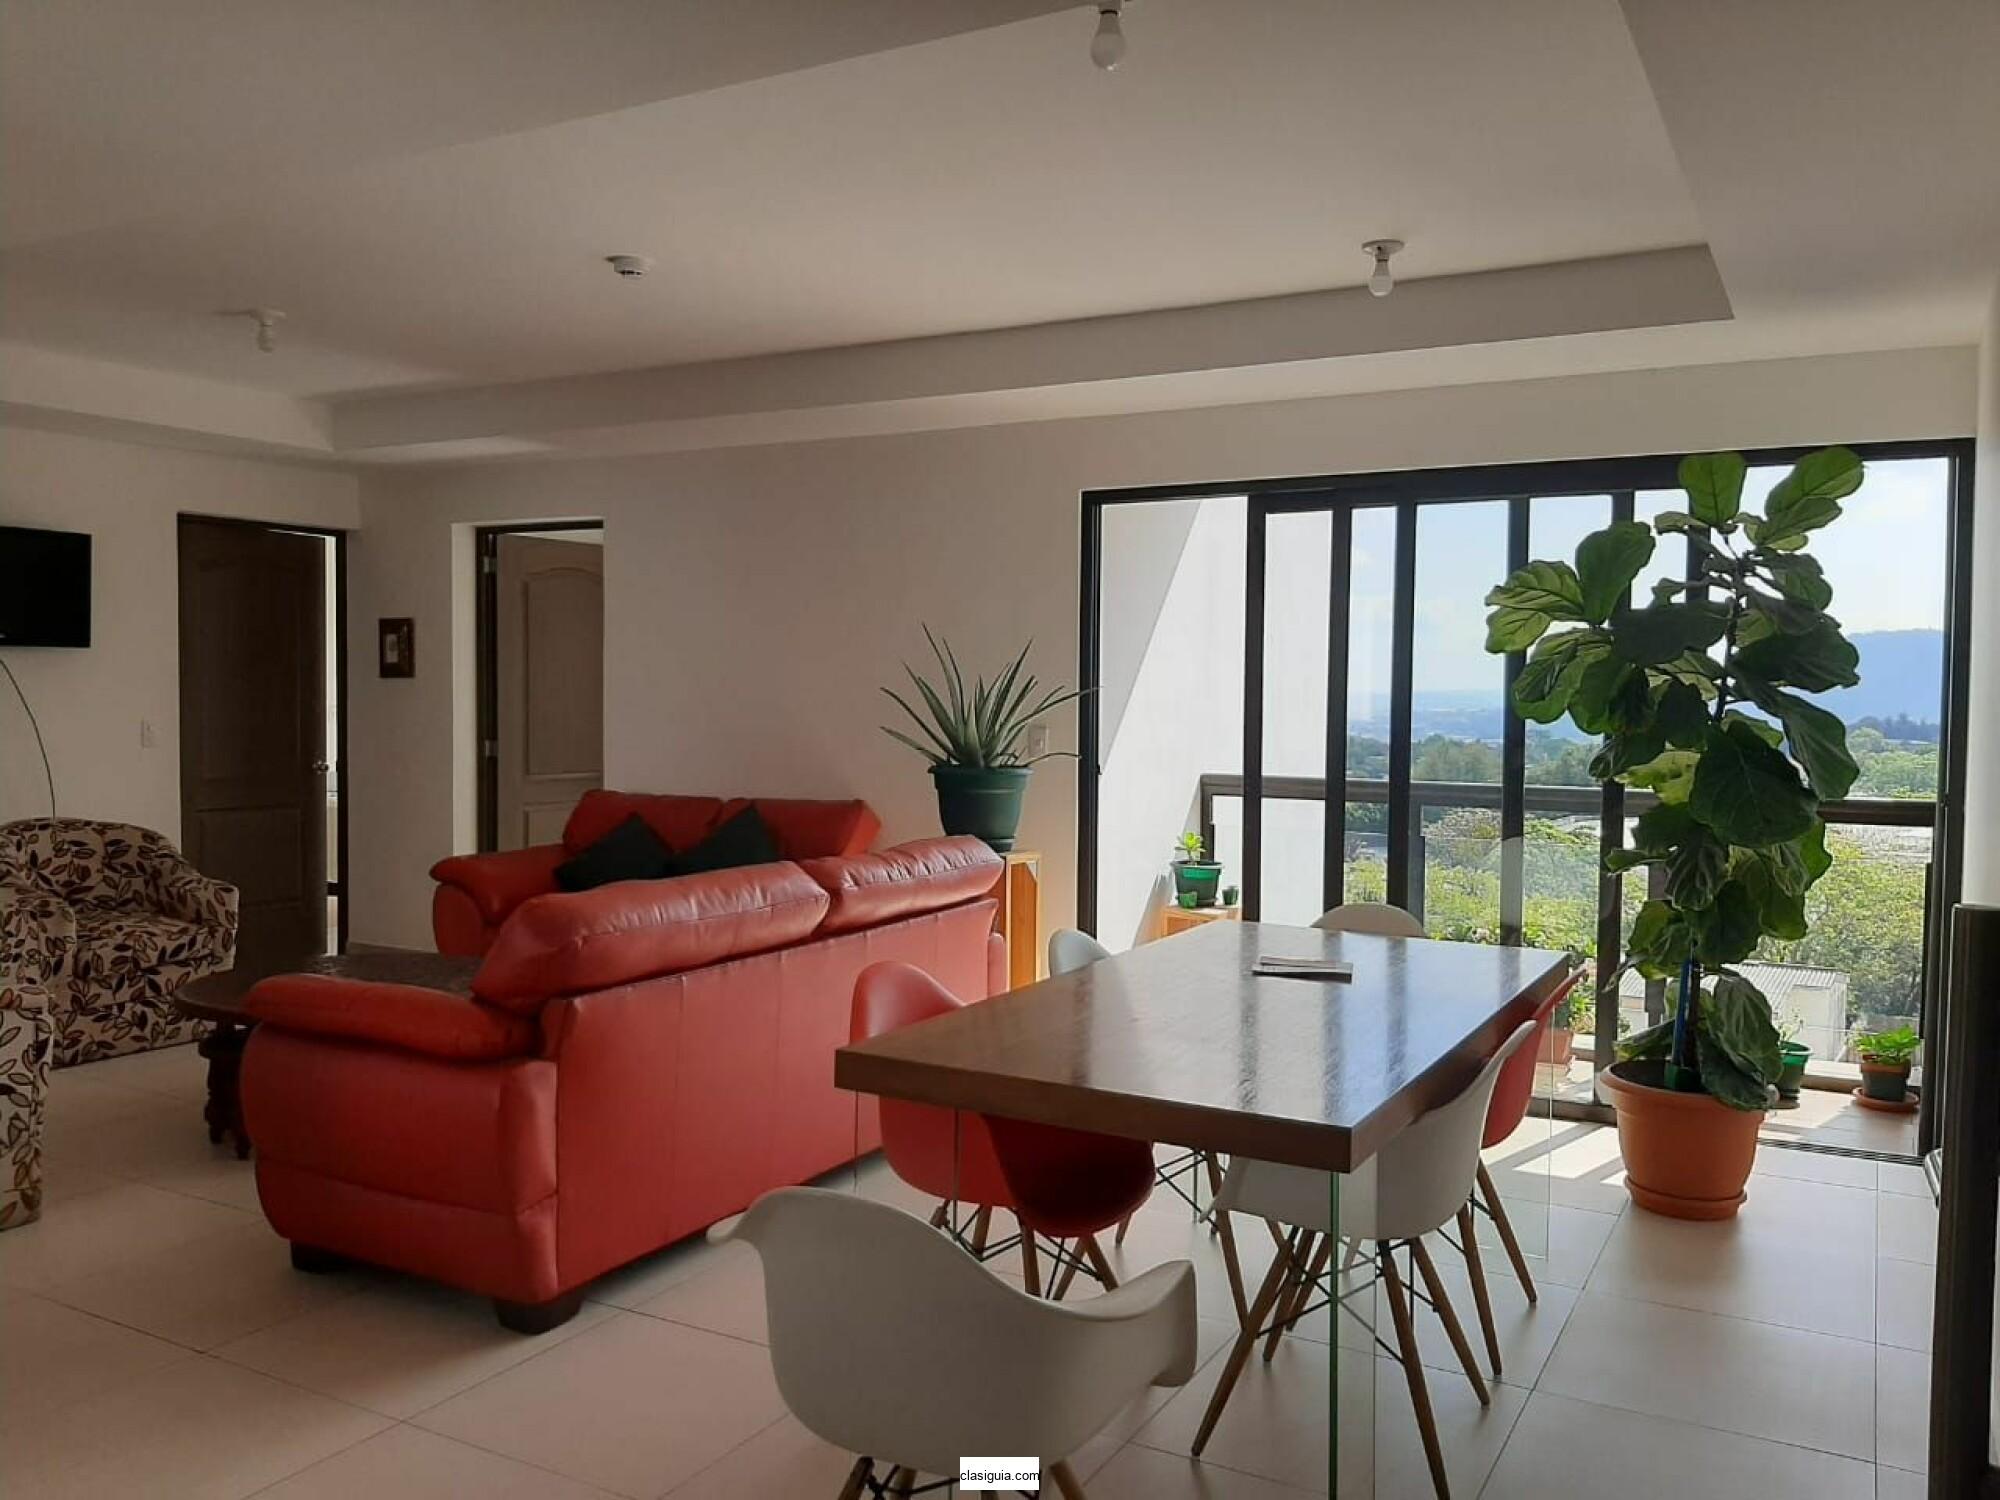 SE ALQUILA APARTAMENTO SAN MATEO, PRIVADO, CON LINEA BLANCA, sala, comedor, cocina, Tiene 3 habitaciones